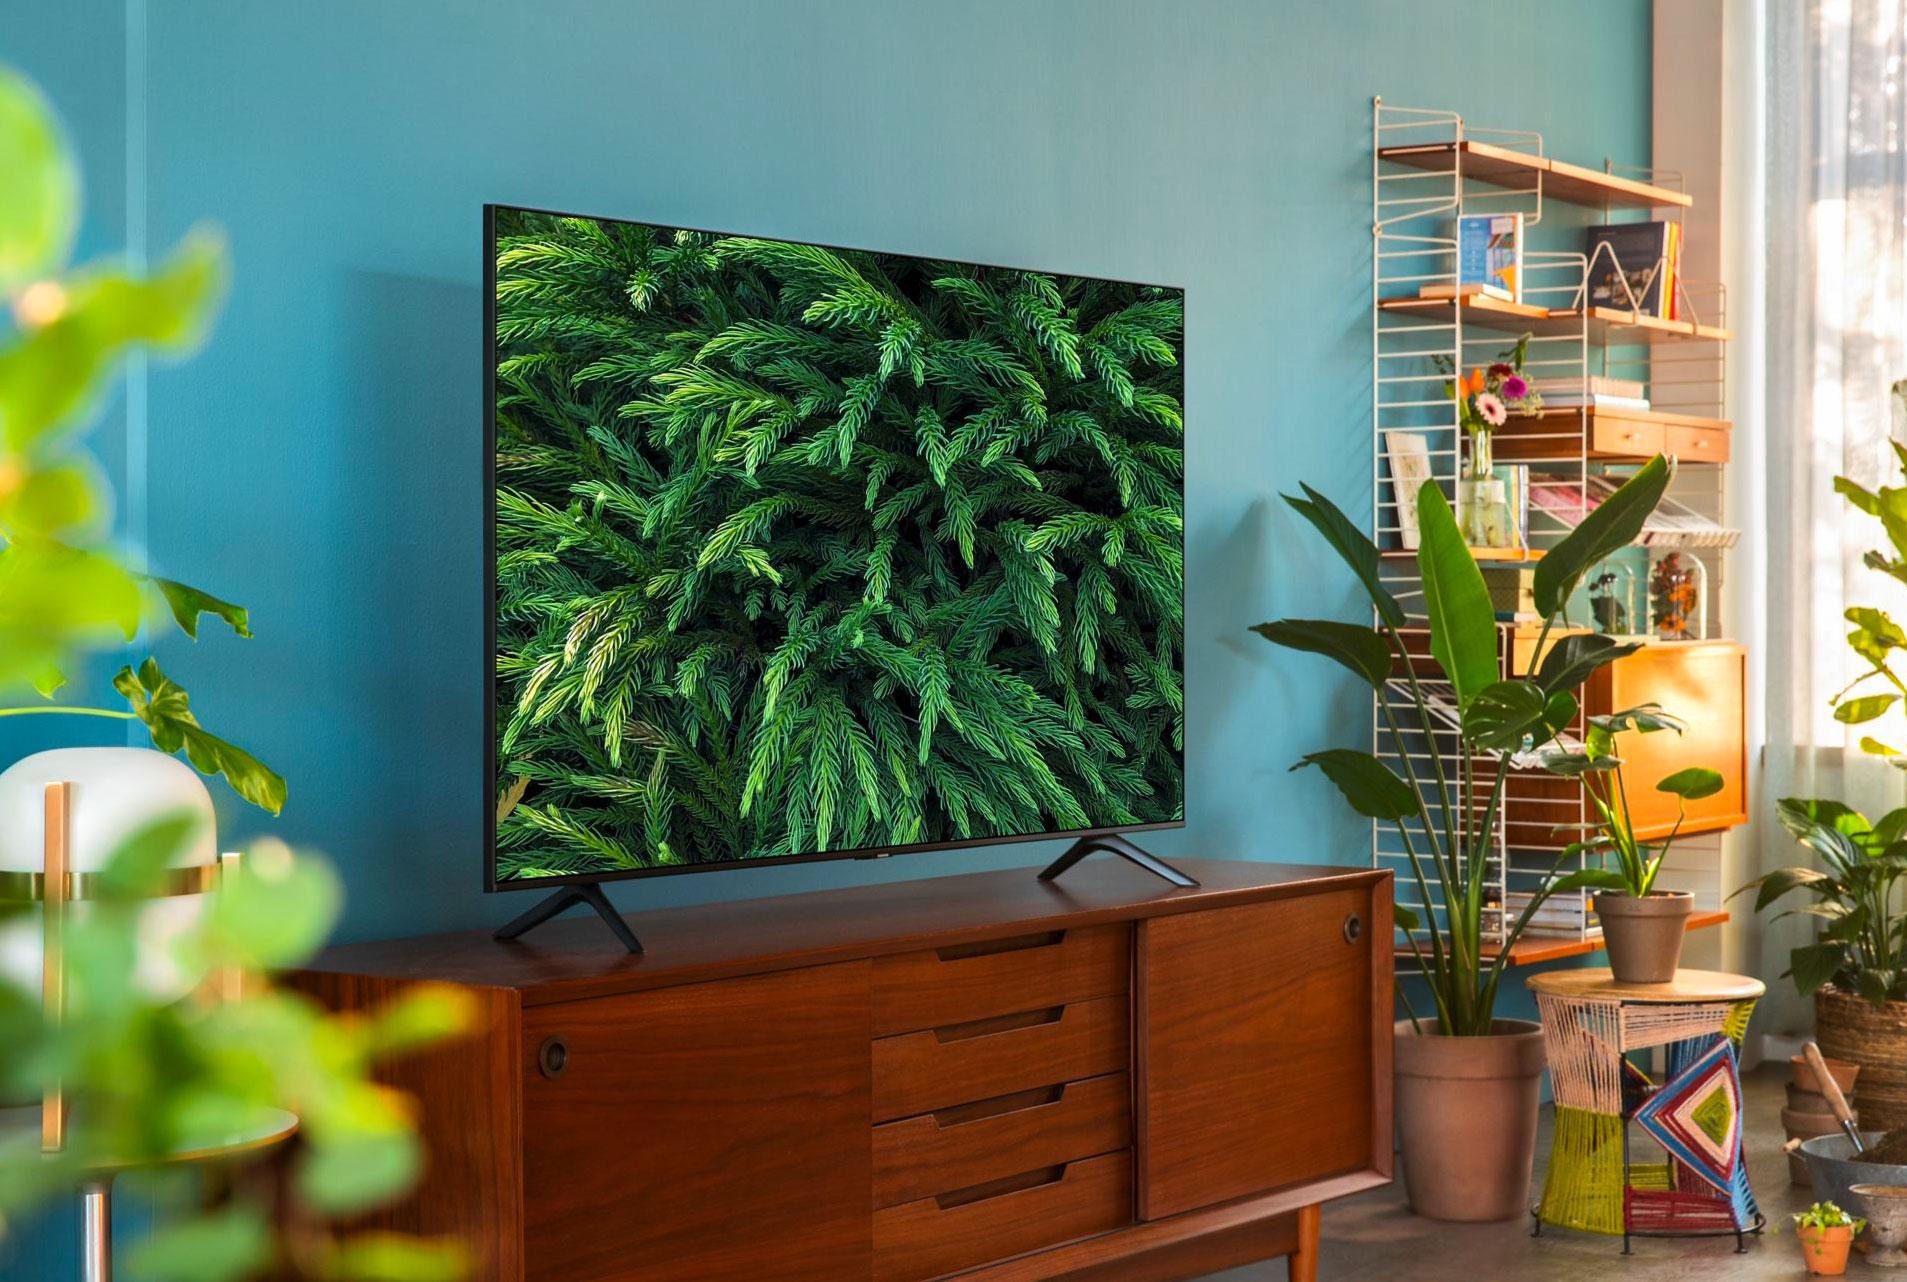 Ce TV LED de Samsung est en promo